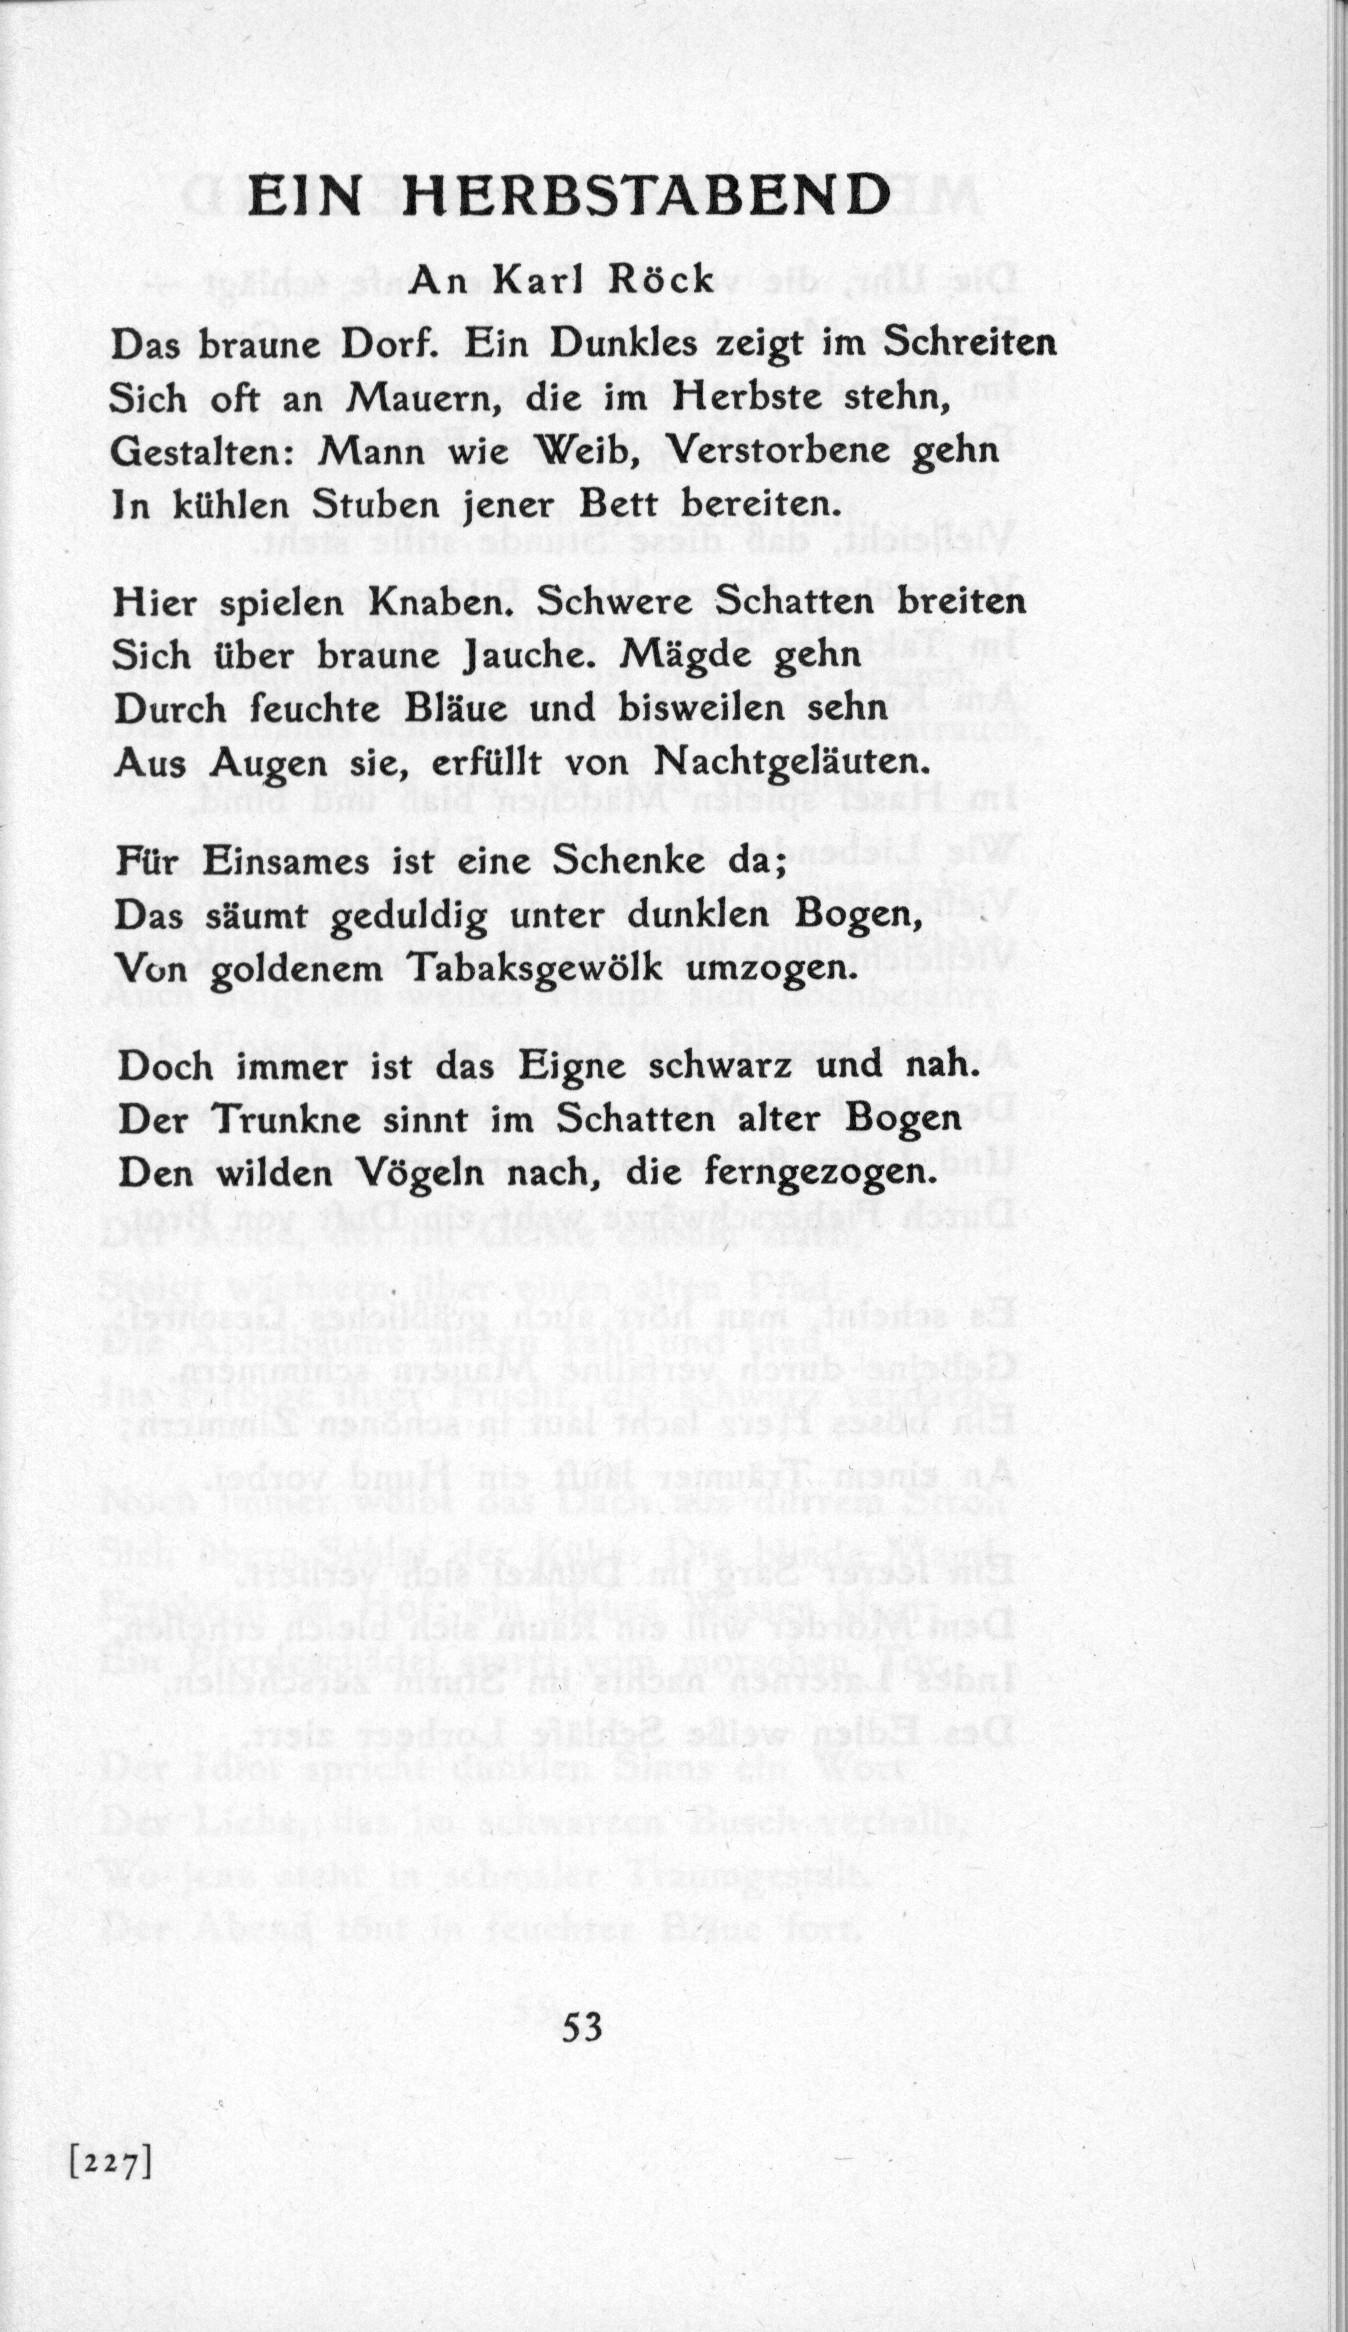 Gedichte Fur Verstorbene Trauerspruche Und Trauergedichte Fur